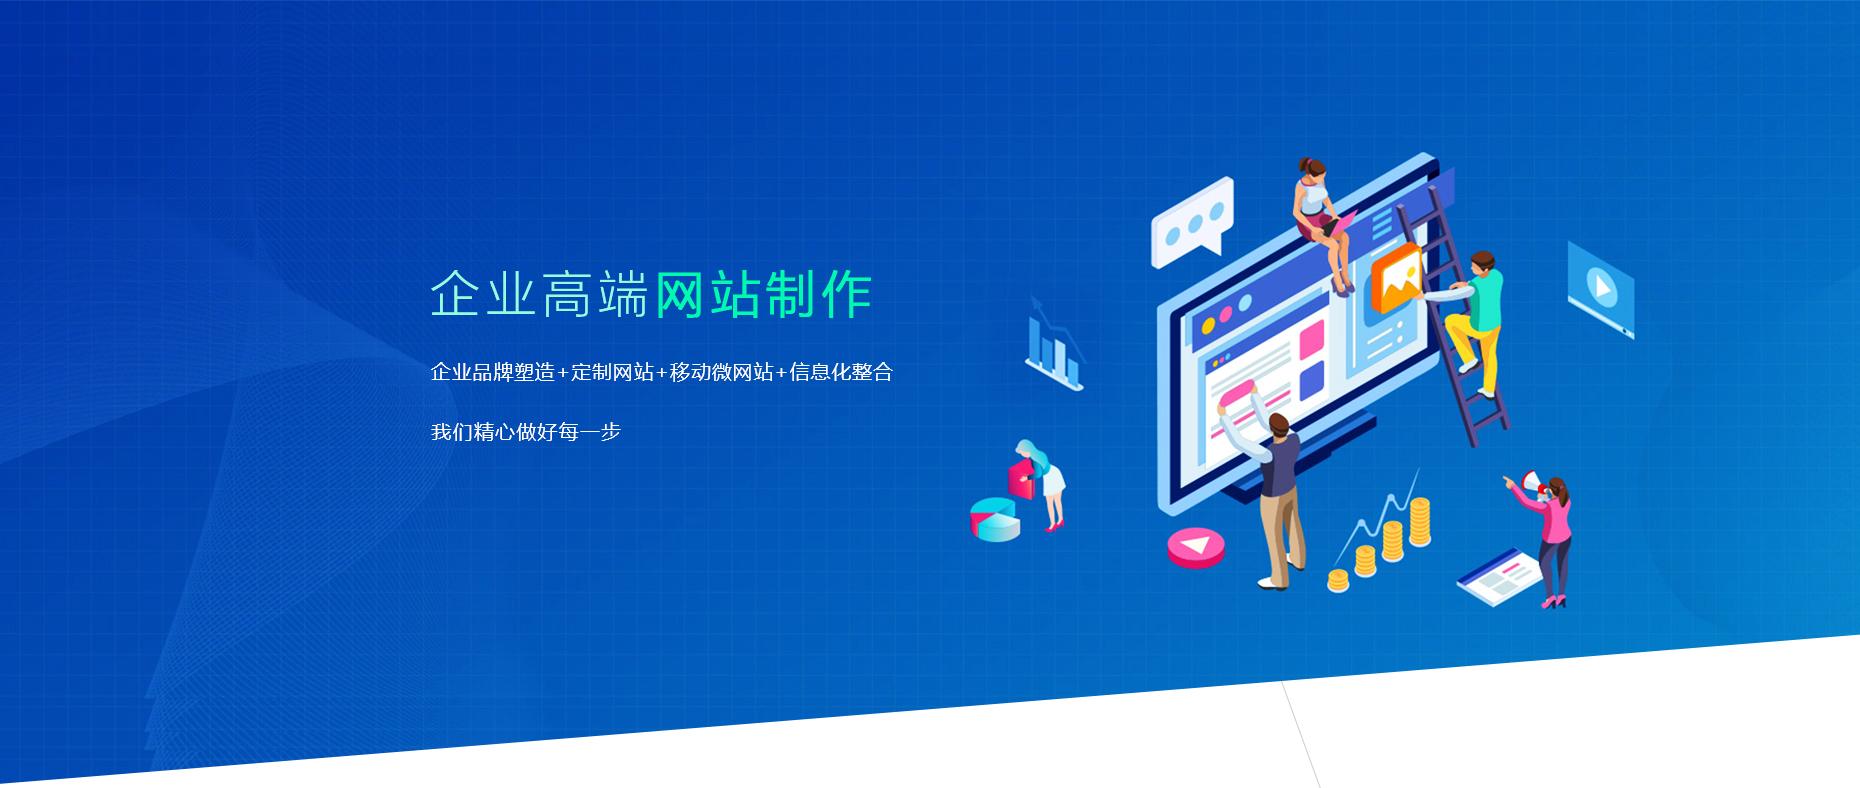 深圳网站建设客户案例